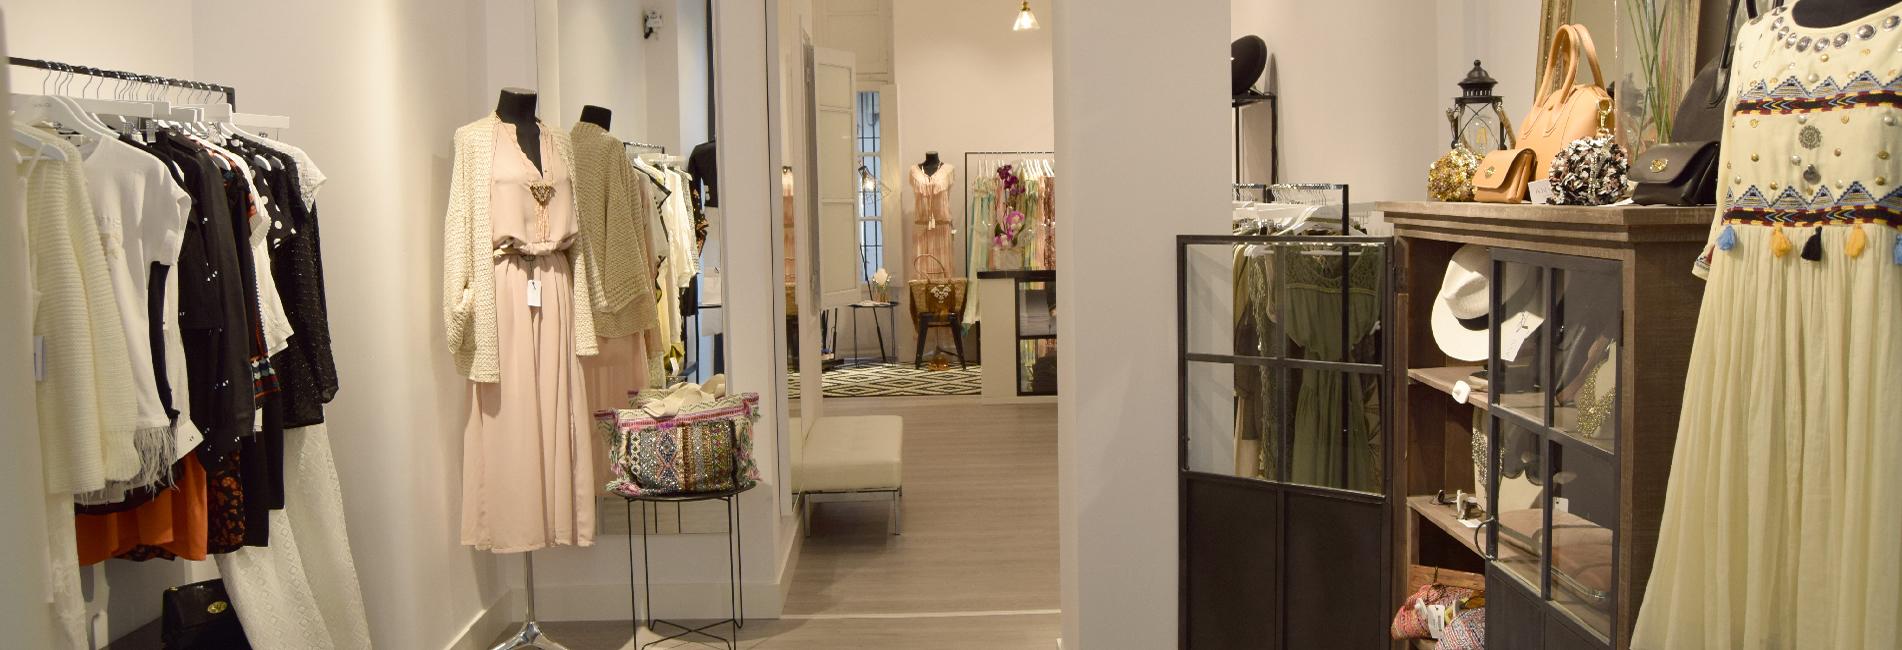 Industrias del Acero Cianco fabricado y montado el mobiliario interior de la boutique Angi Collection